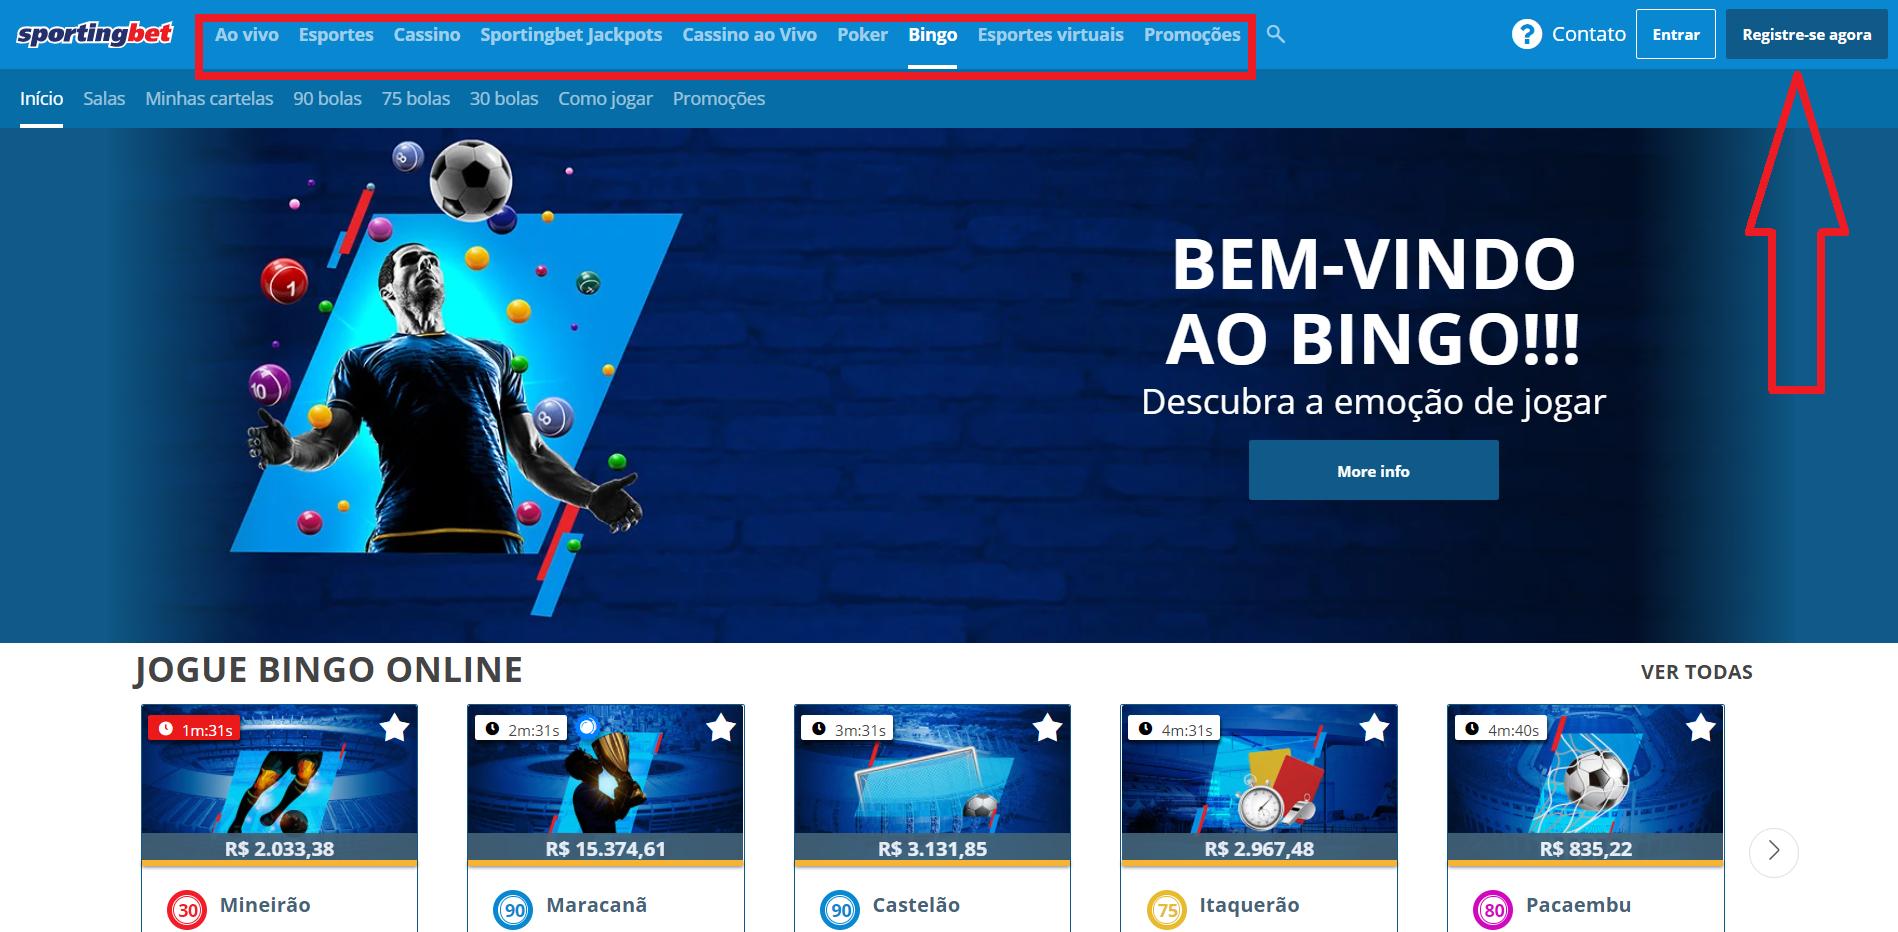 Como os codigo promocional Sportingbet me ajudam a fazer apostas?